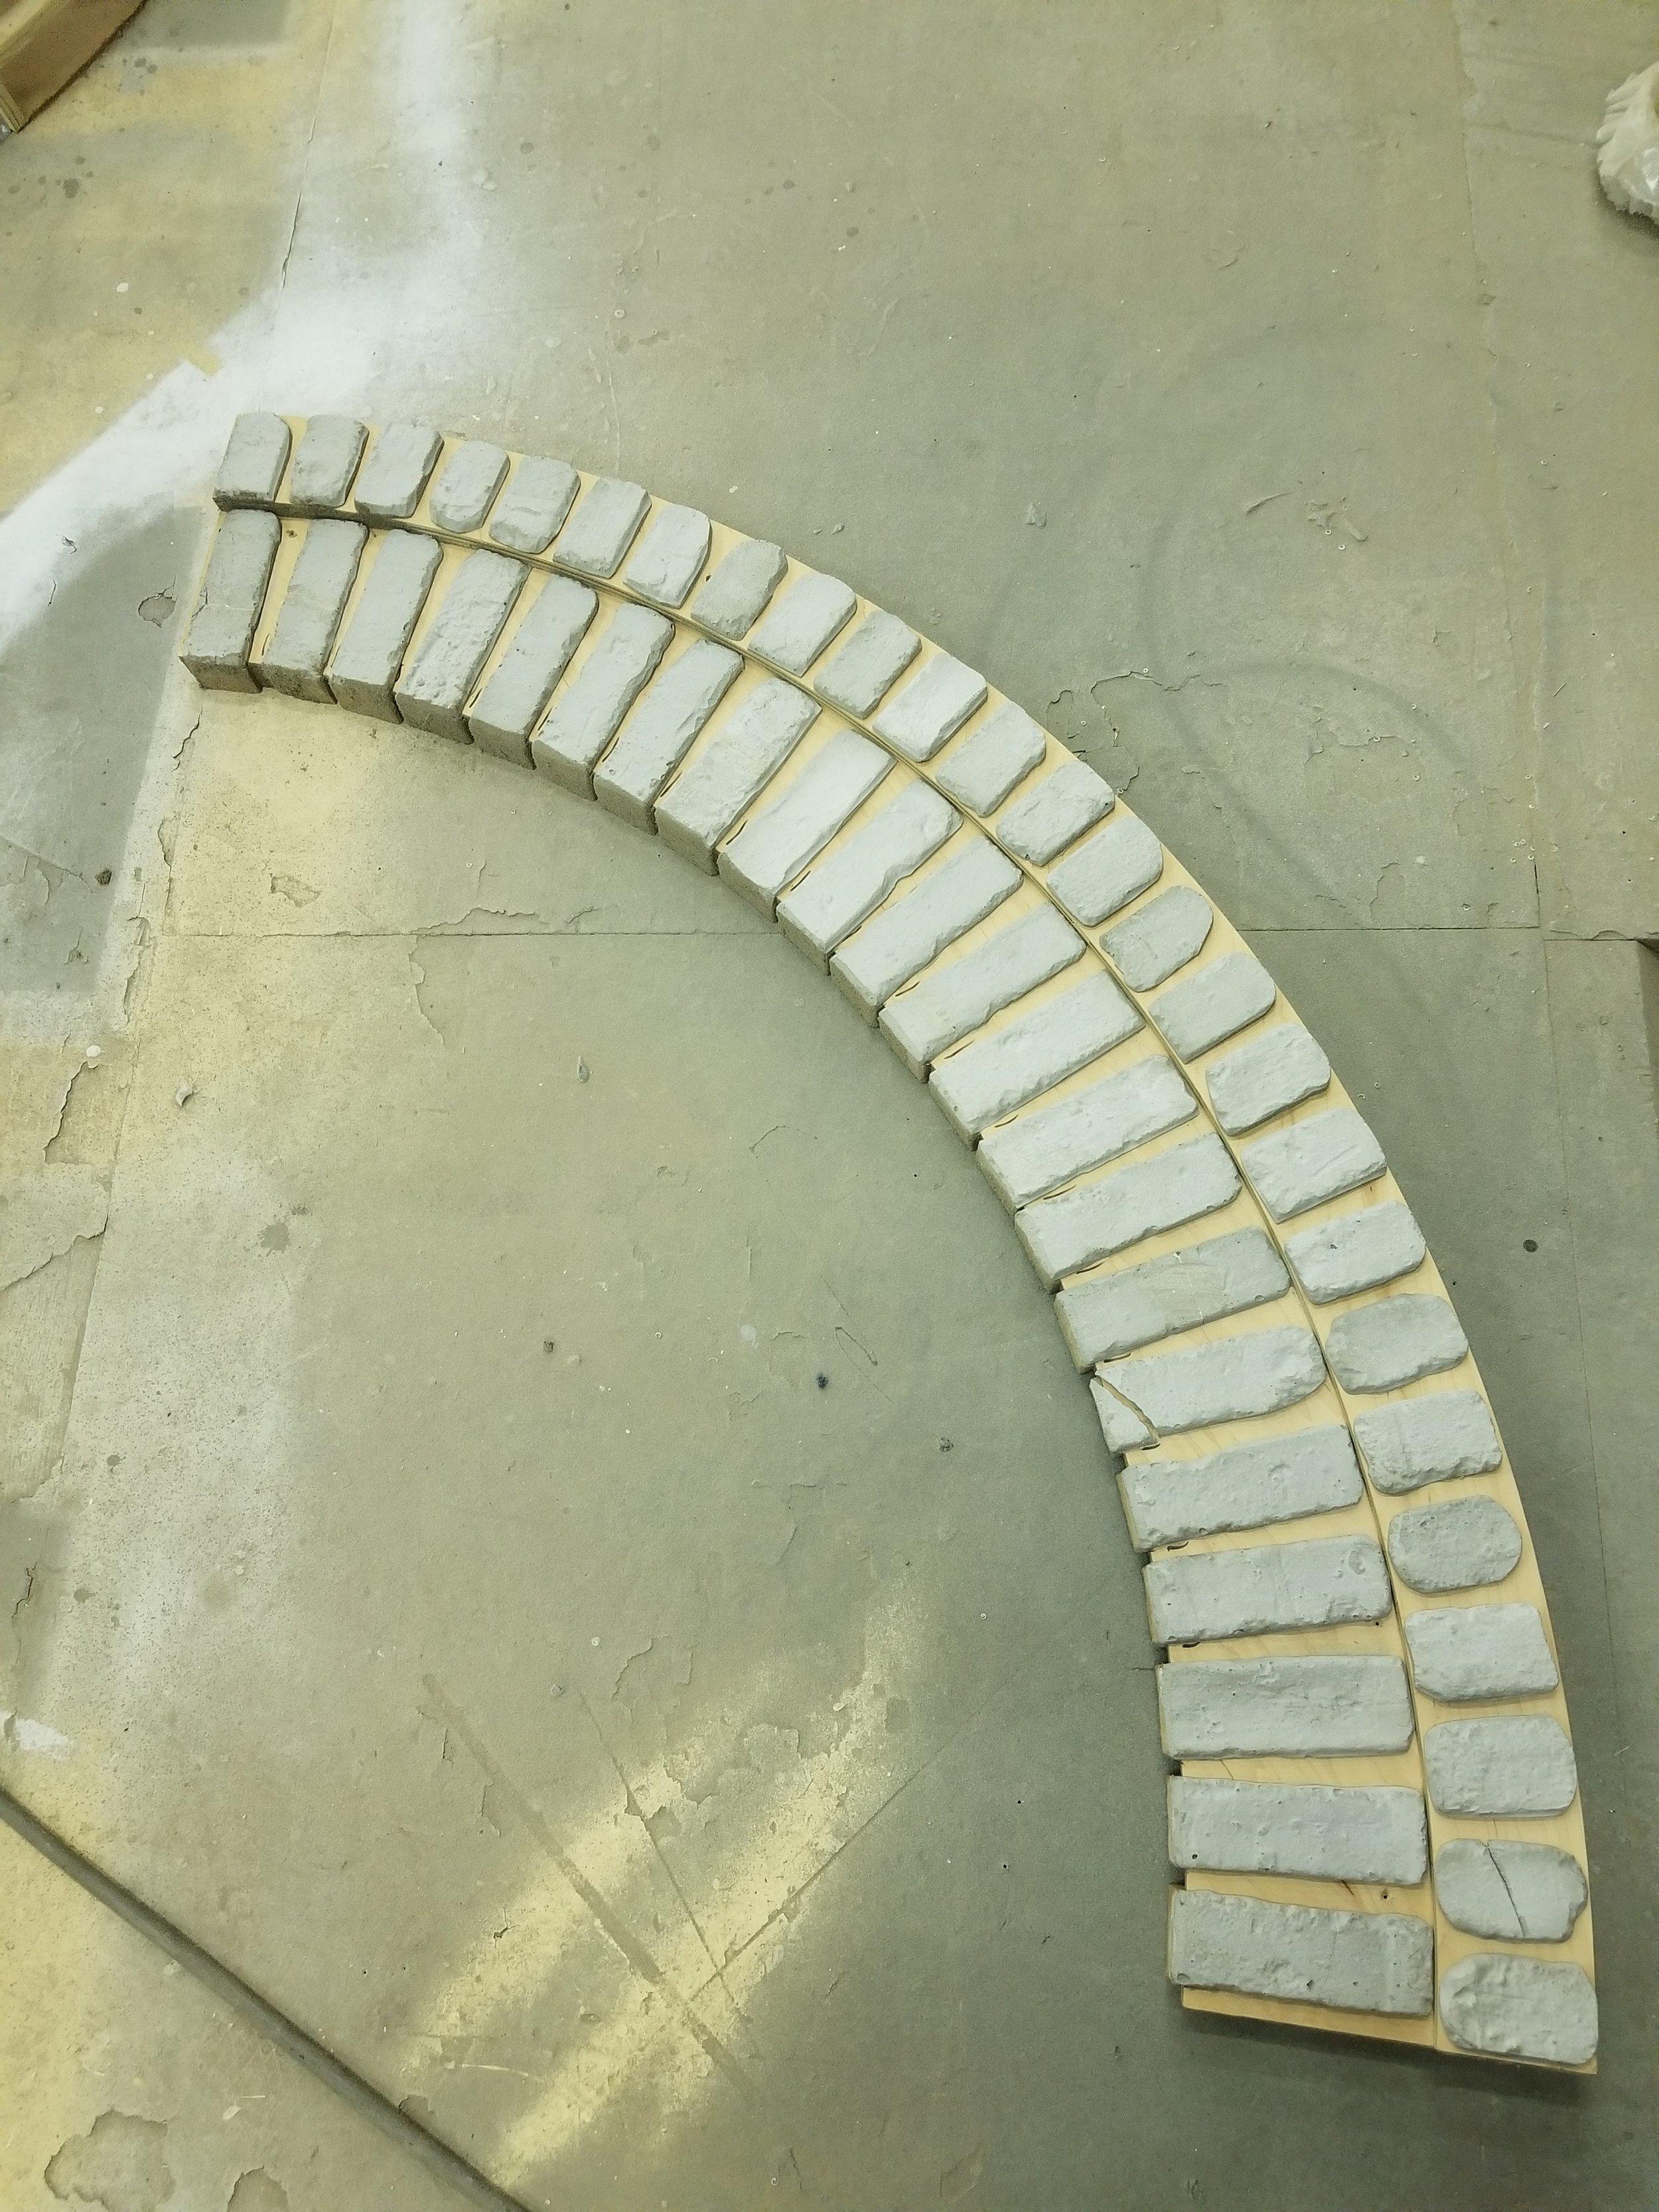 Arch way brick mold